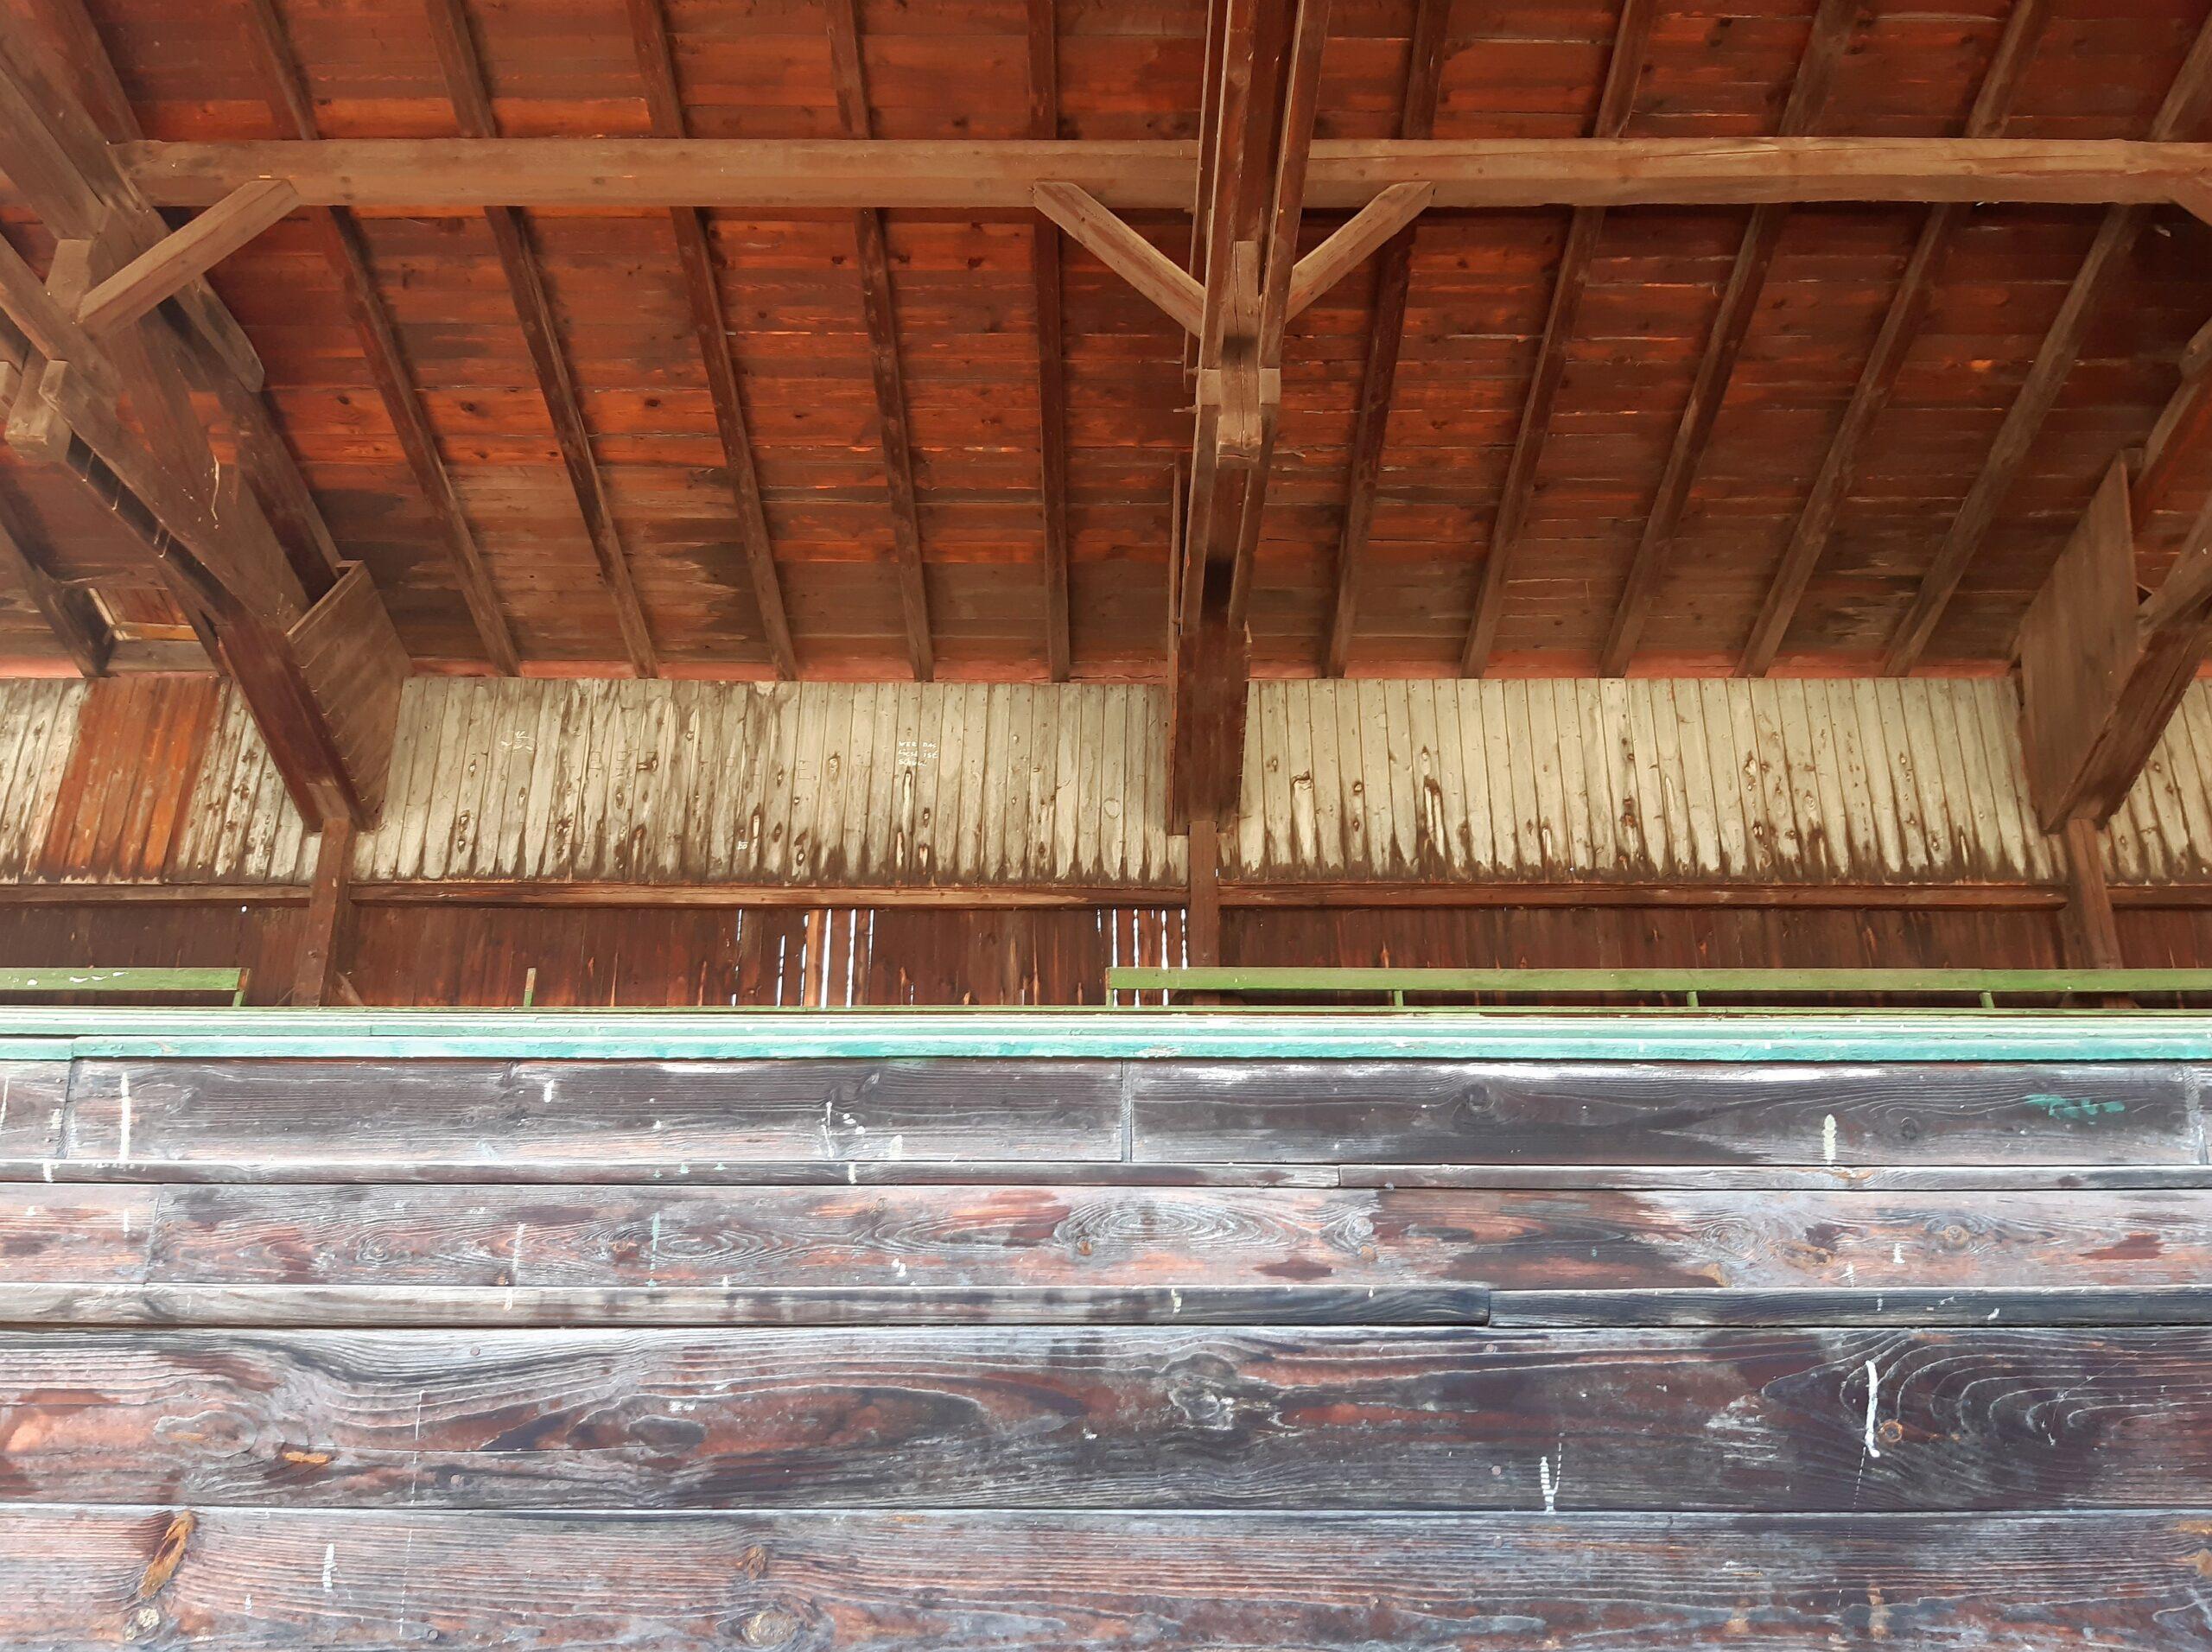 Die aufwendige Dachkonstruktion der Holztribüne auf der Manfred-von-Brauchitsch-Kampfbahn ist mit den Fertigbauteilen der heutigen Stadien nicht mehr zu vergleichen